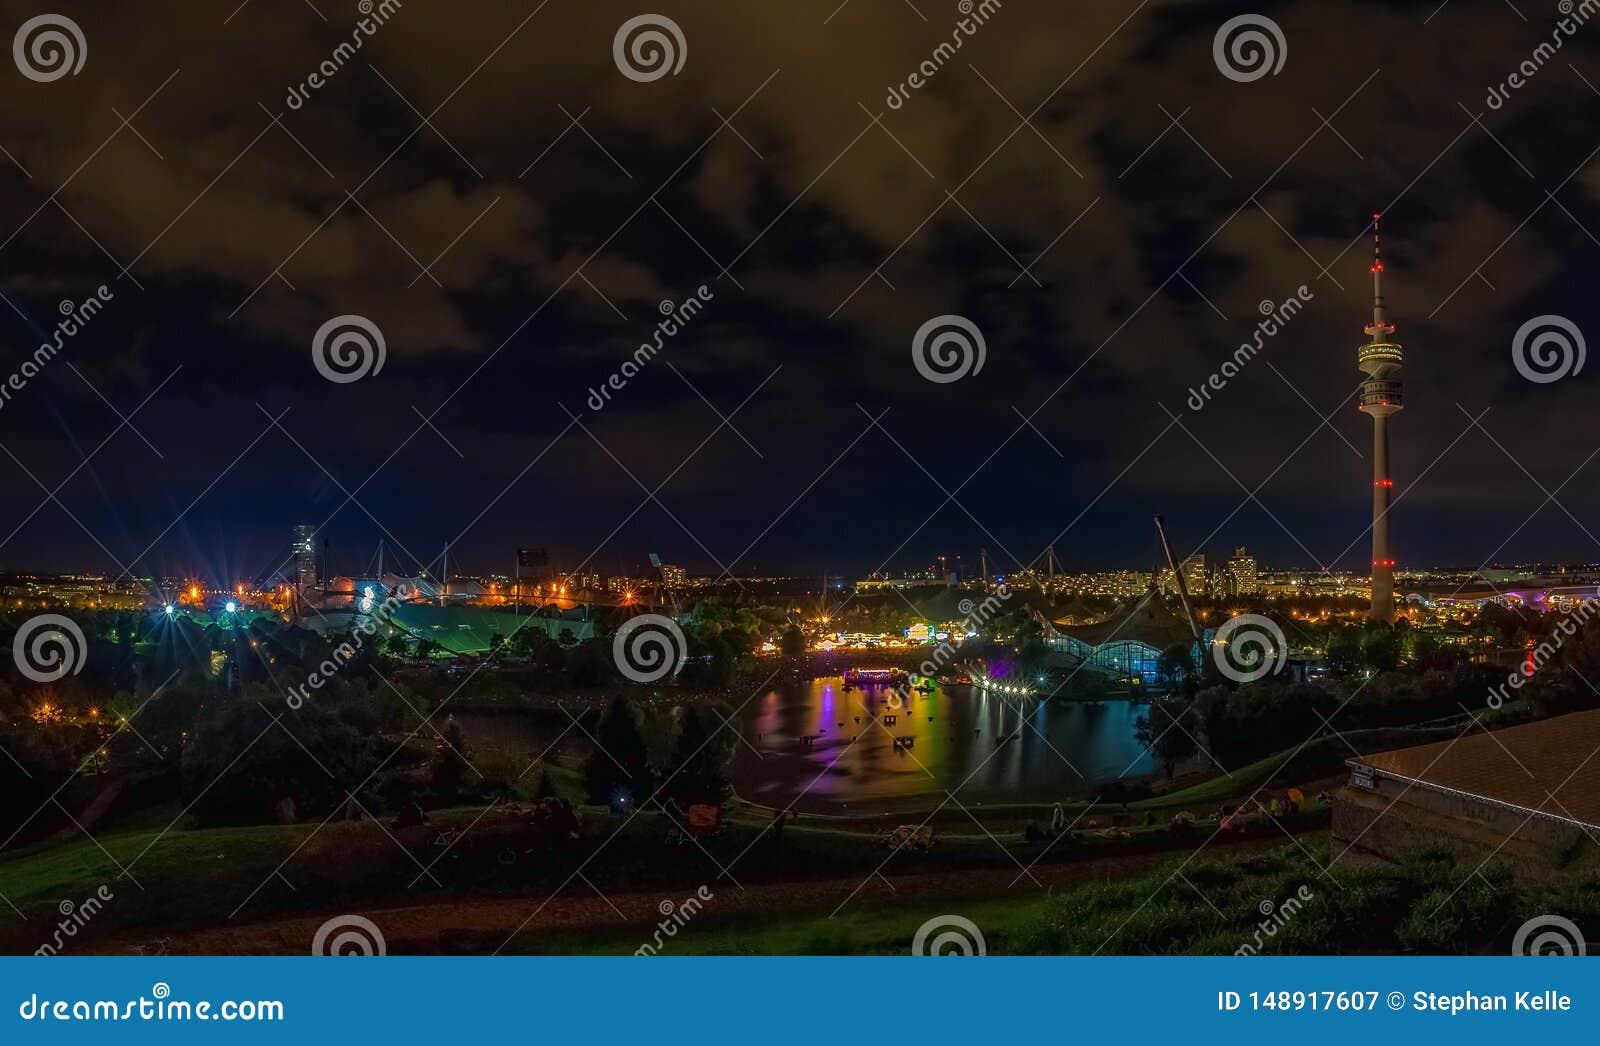 Die sch?ne Ansicht des Olympiaparks nachts